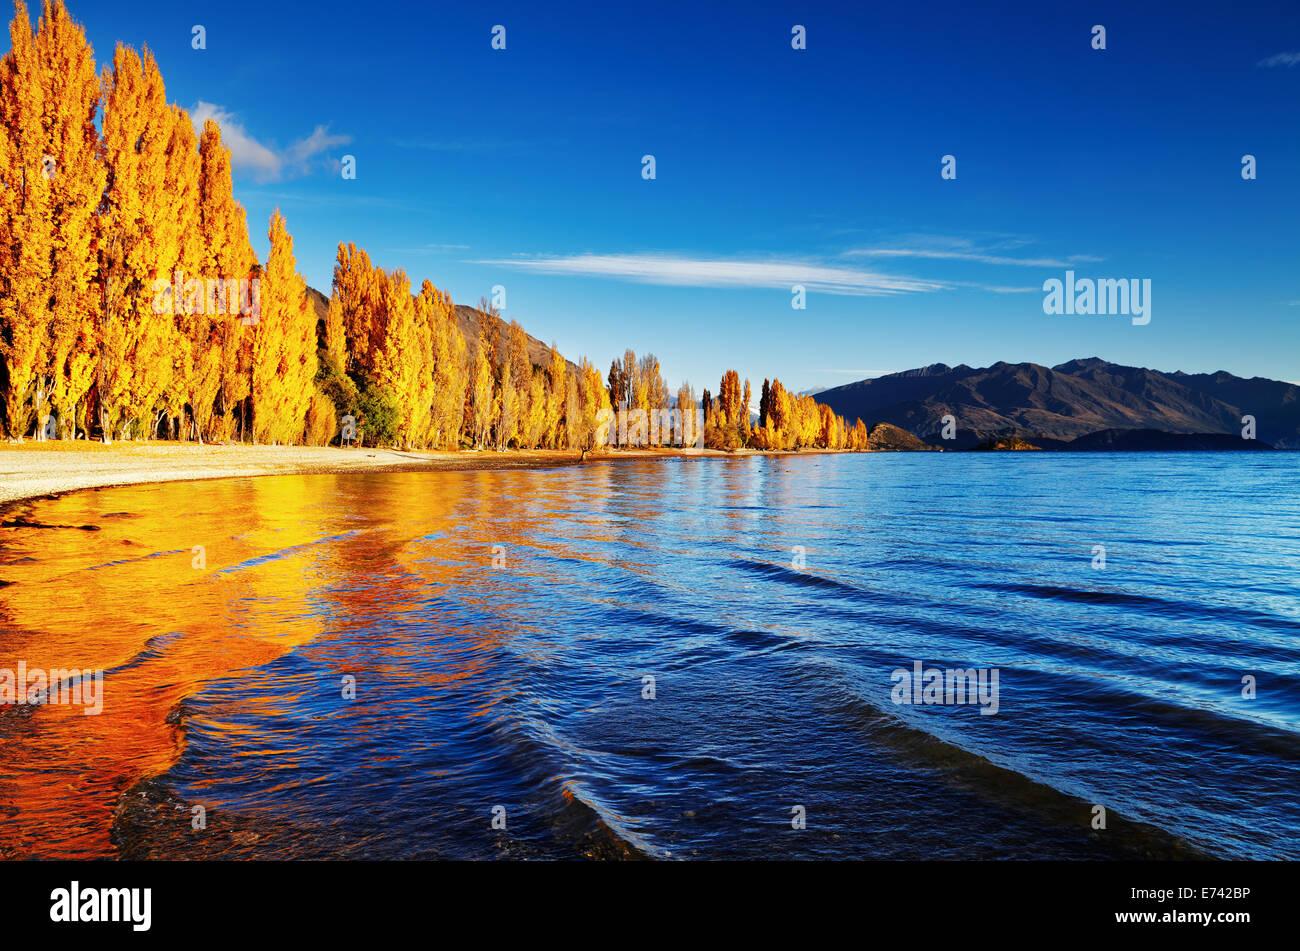 Autumn landscape, lake Wanaka, New Zealand - Stock Image